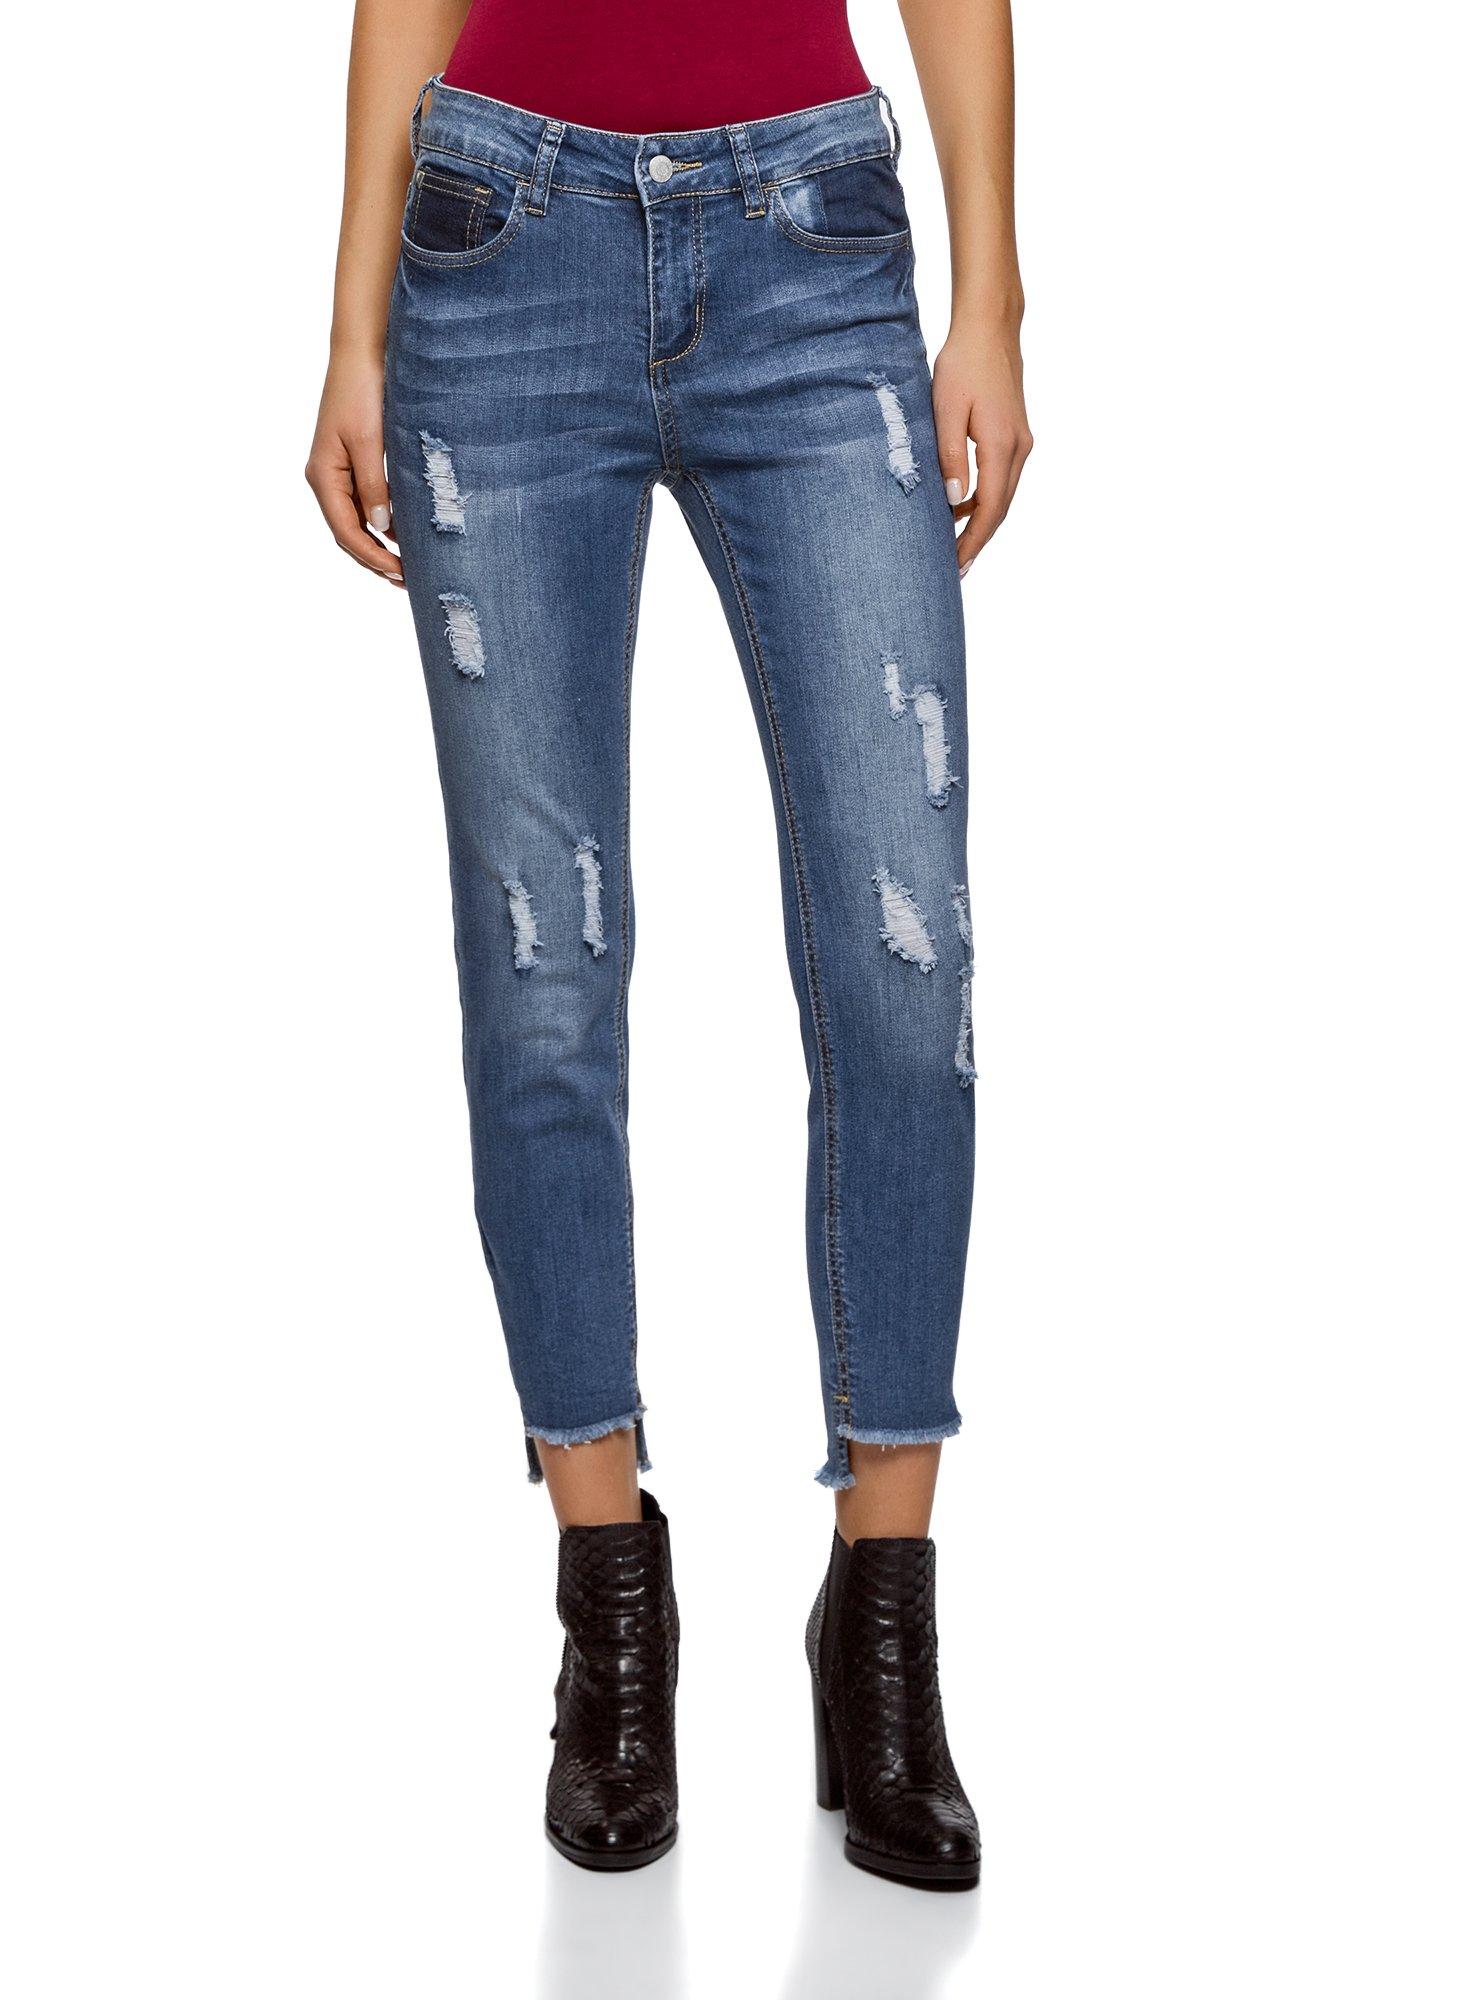 oodji Ultra Women's Ripped Skinny Jeans, Blue, 26W / 32L (US 2 / EU 36 / XS)